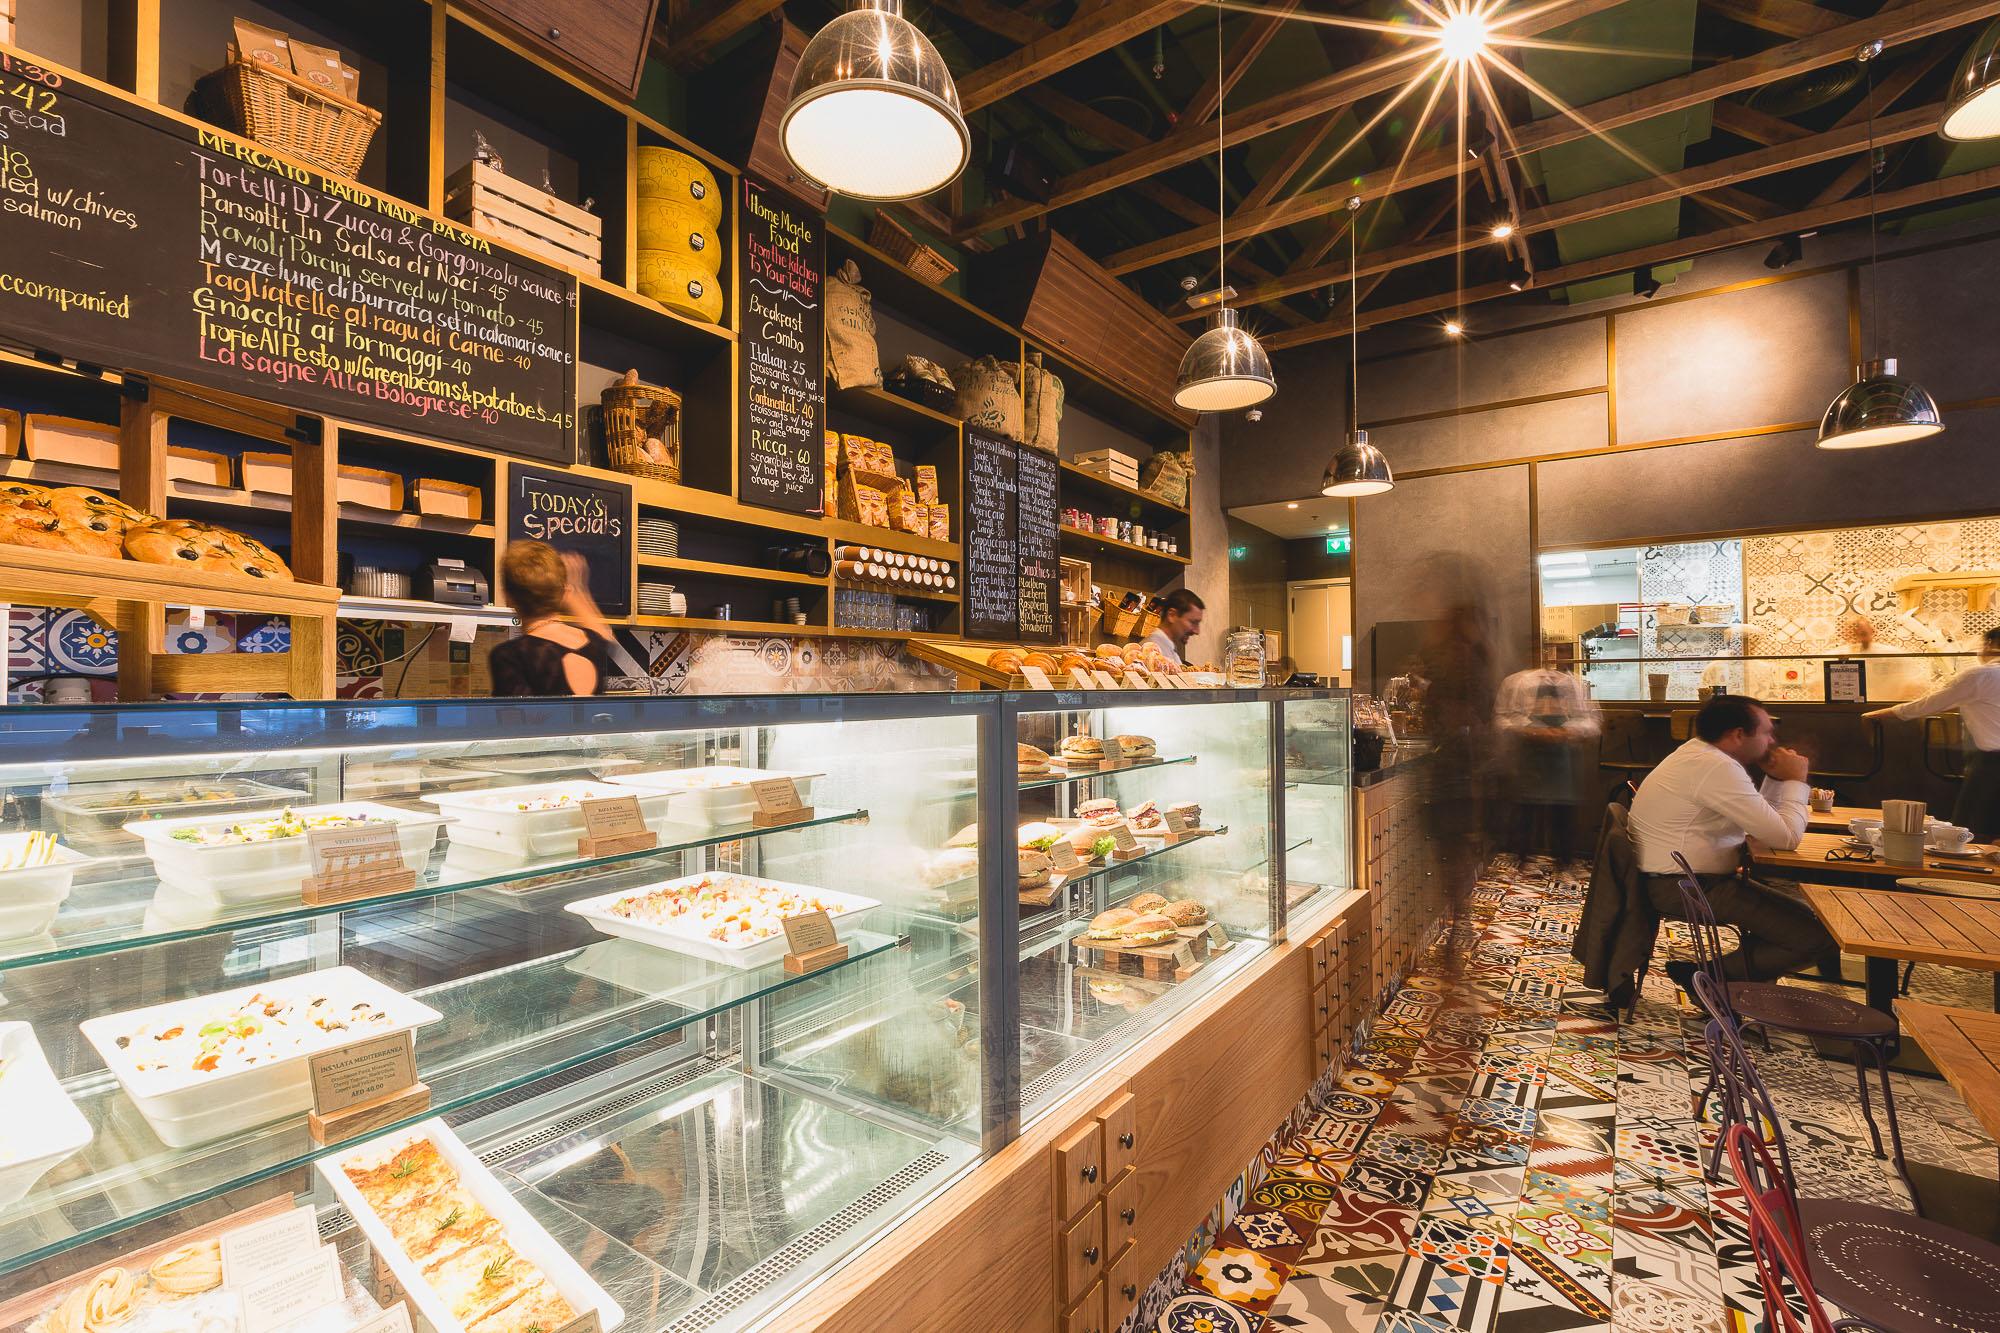 mercato_italia_kitchen_dubai_13